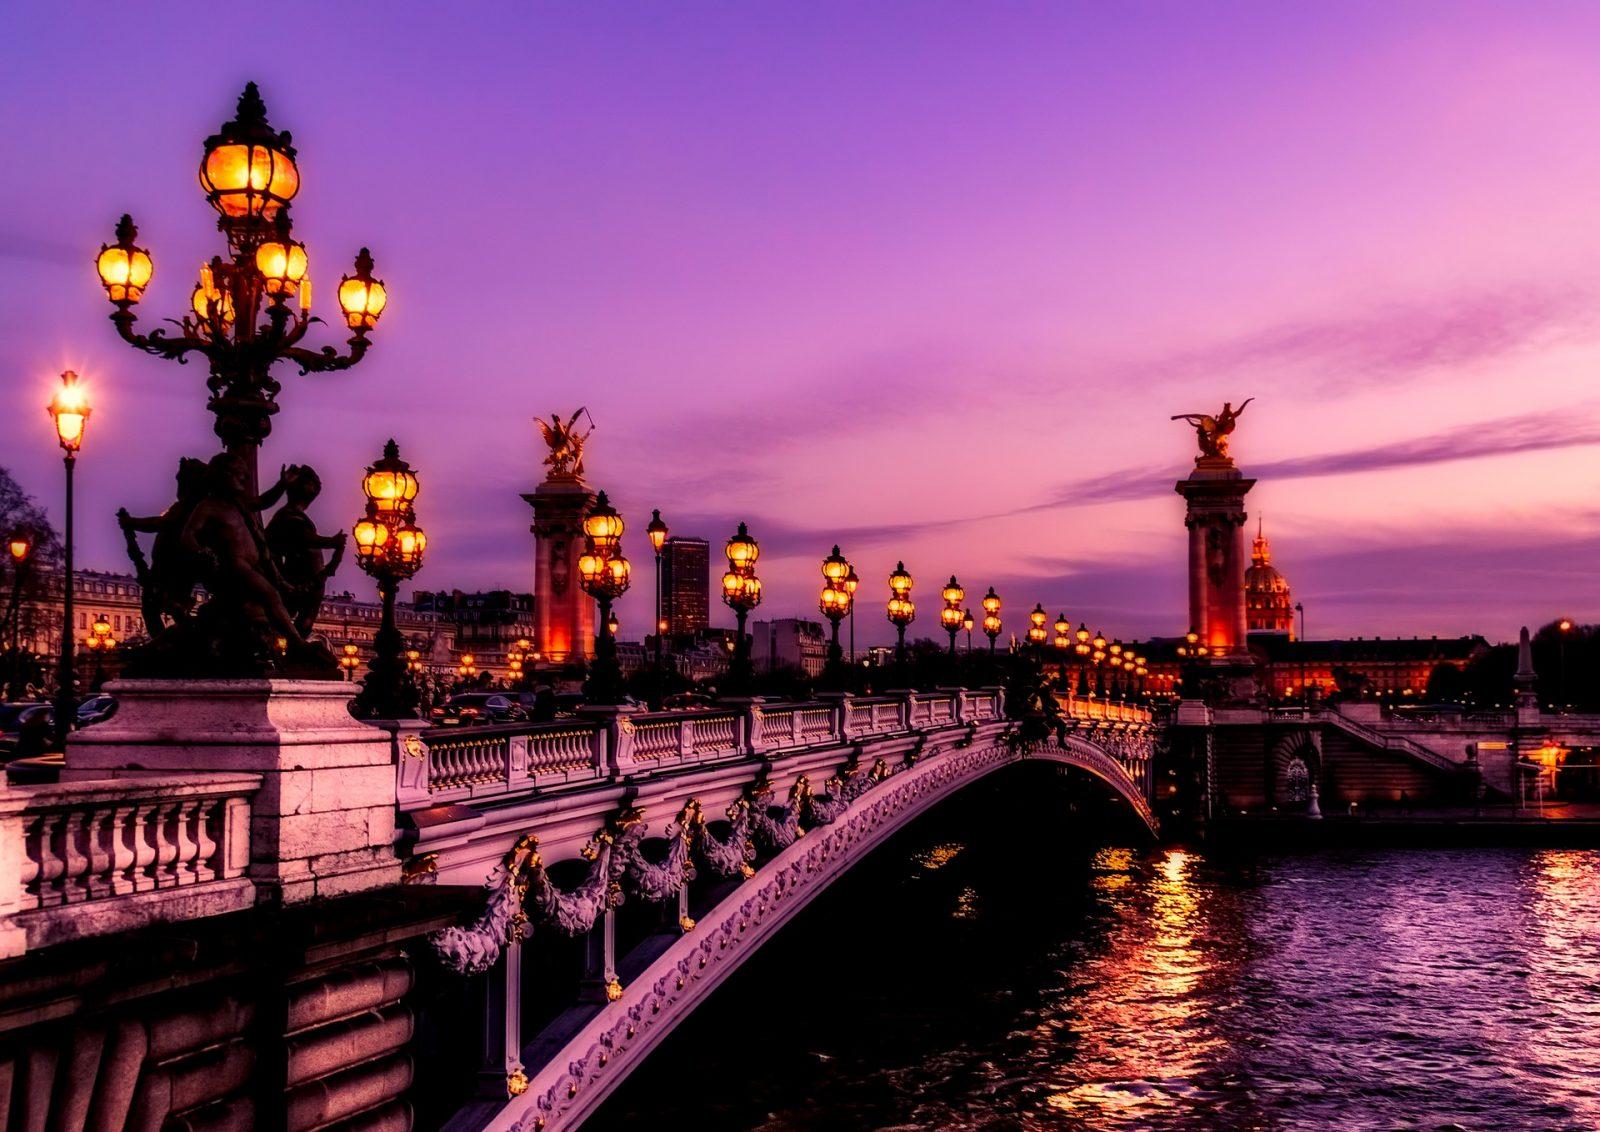 Stunning Bridges of Paris